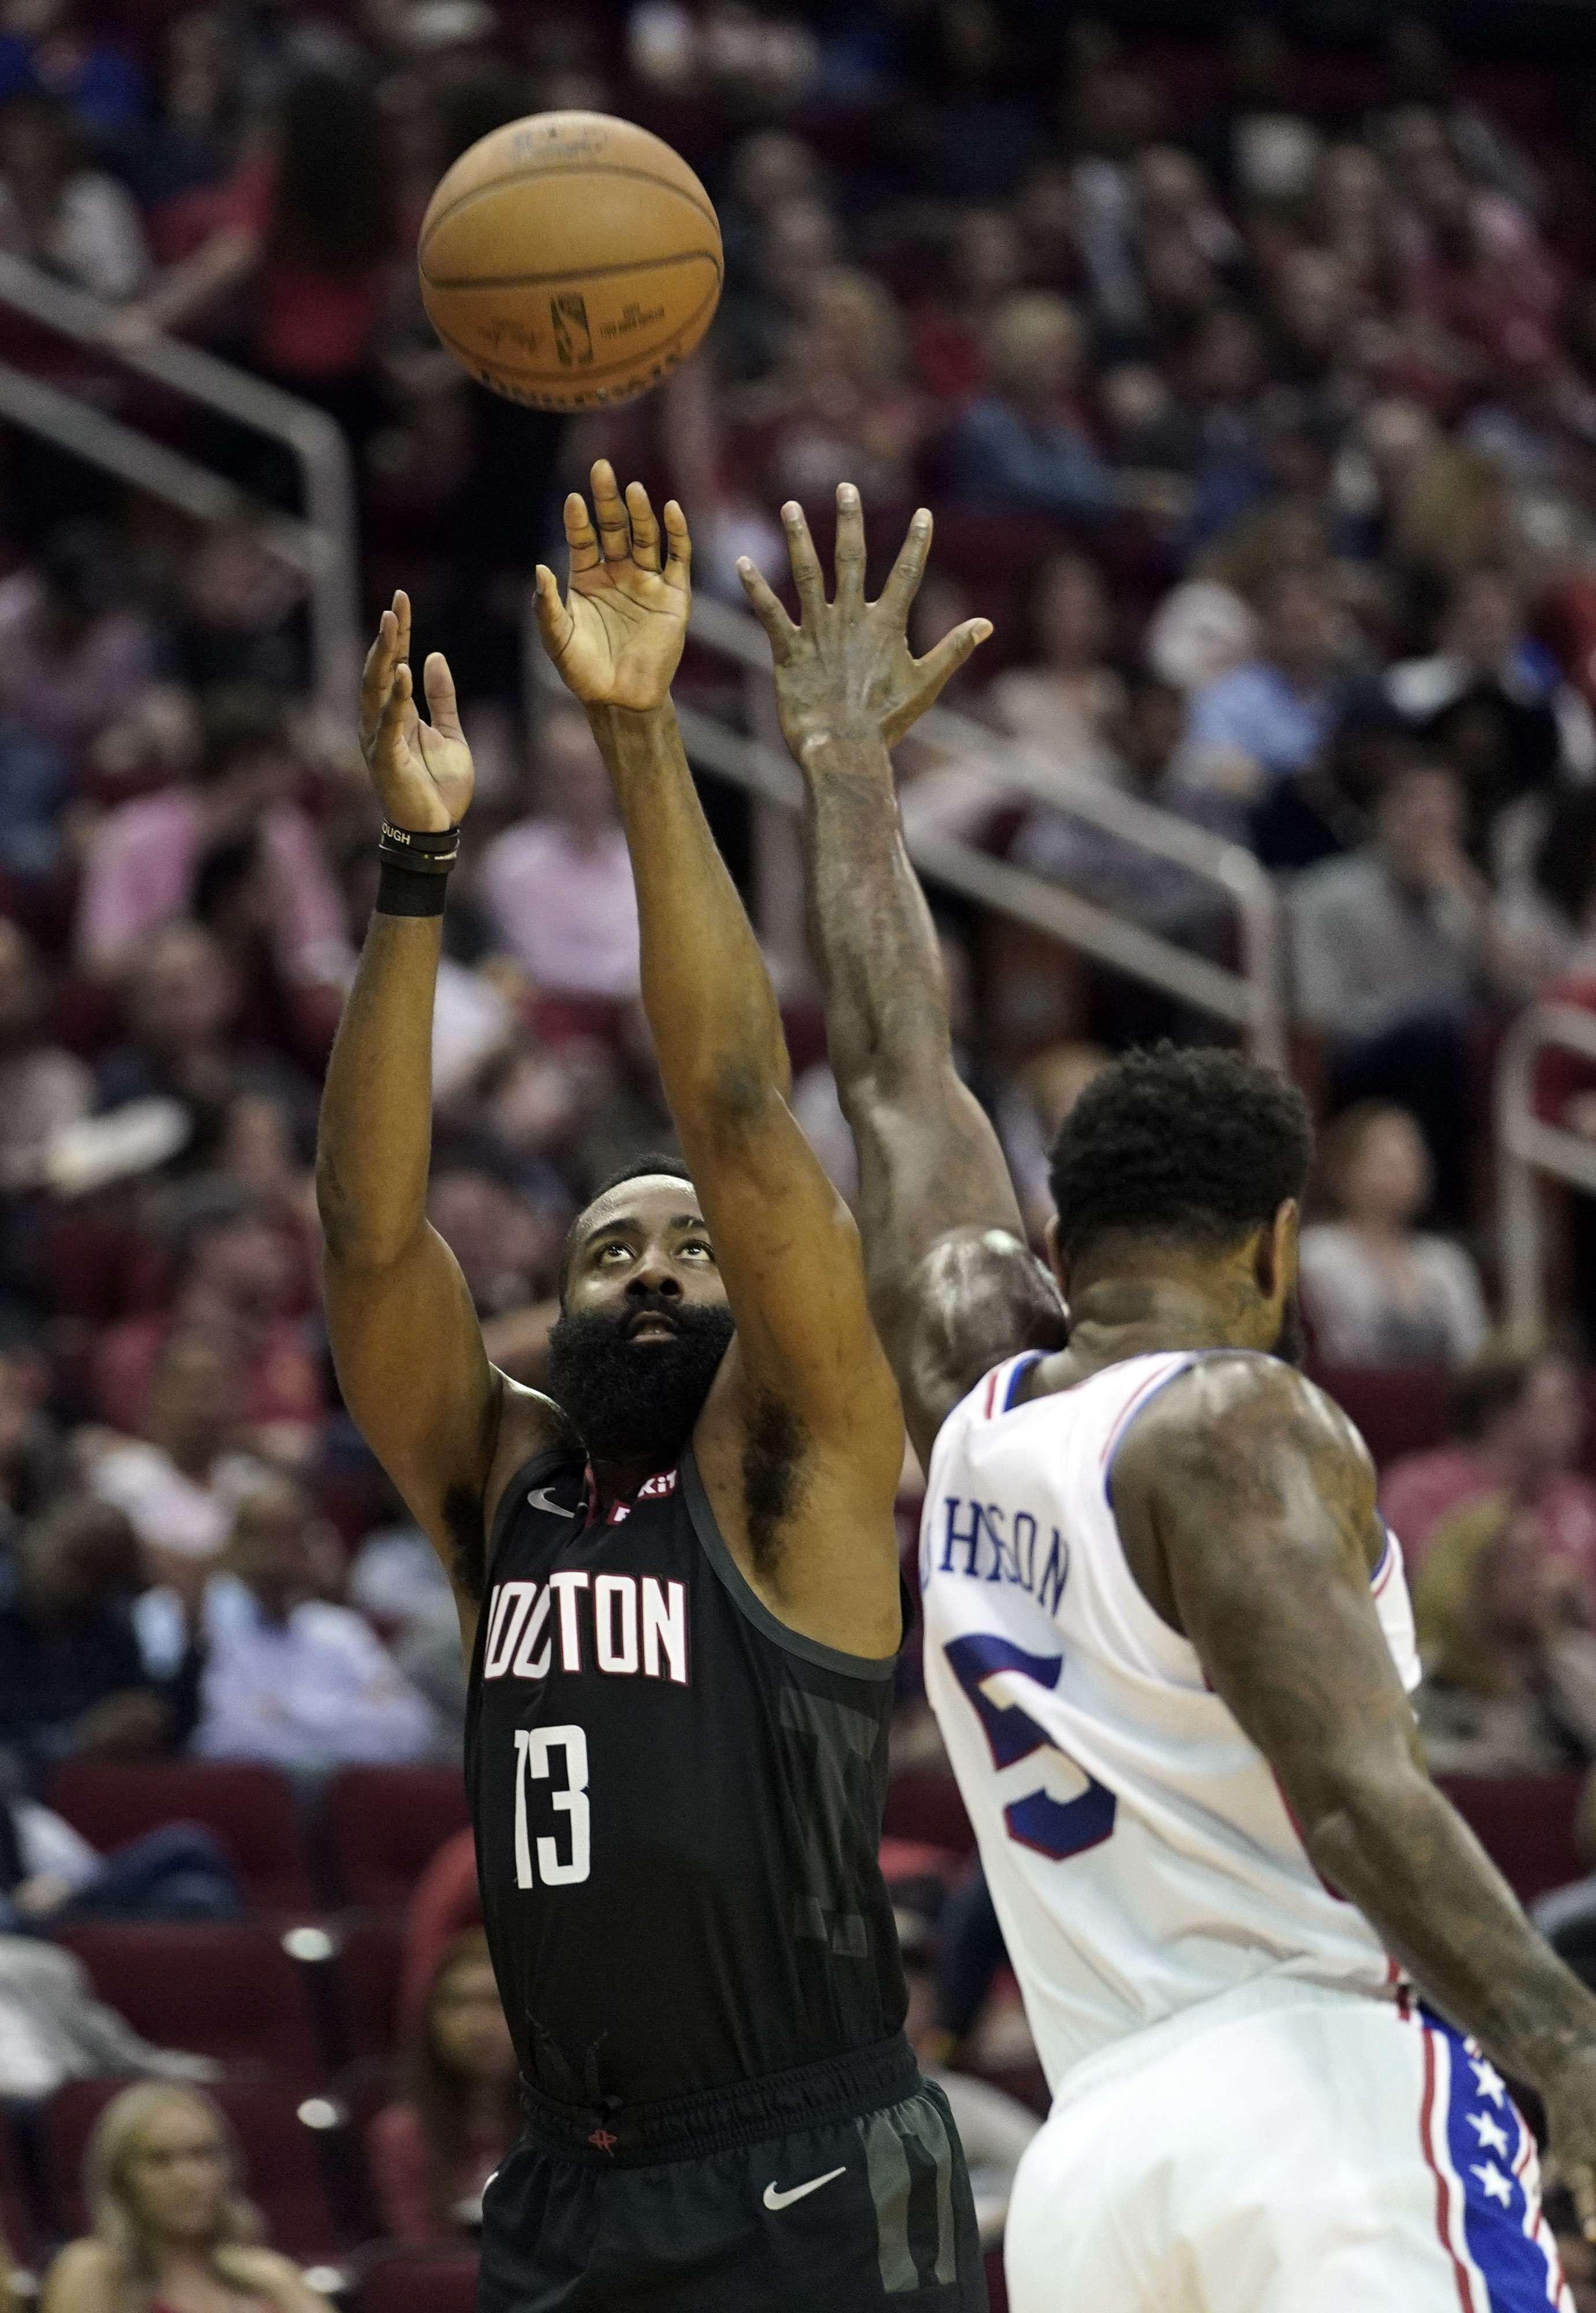 Los 31 puntos de Harden guían a Rockets sobre 76ers, 107-91